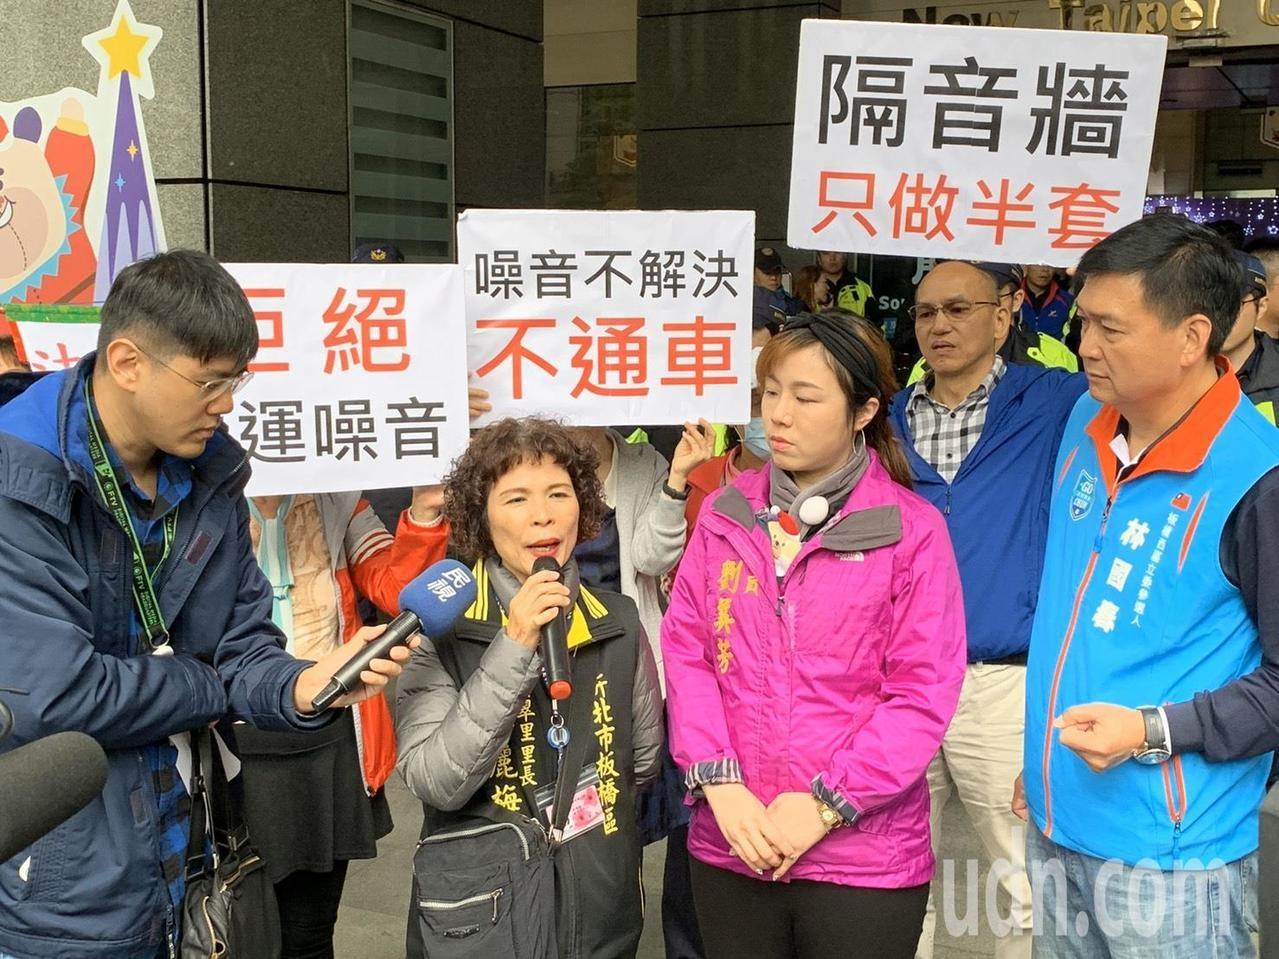 板橋民生路周遭社區住戶抗議長期受噪音所苦,28日上午到新北市政府遞交陳情書。圖/記者張曼蘋攝影